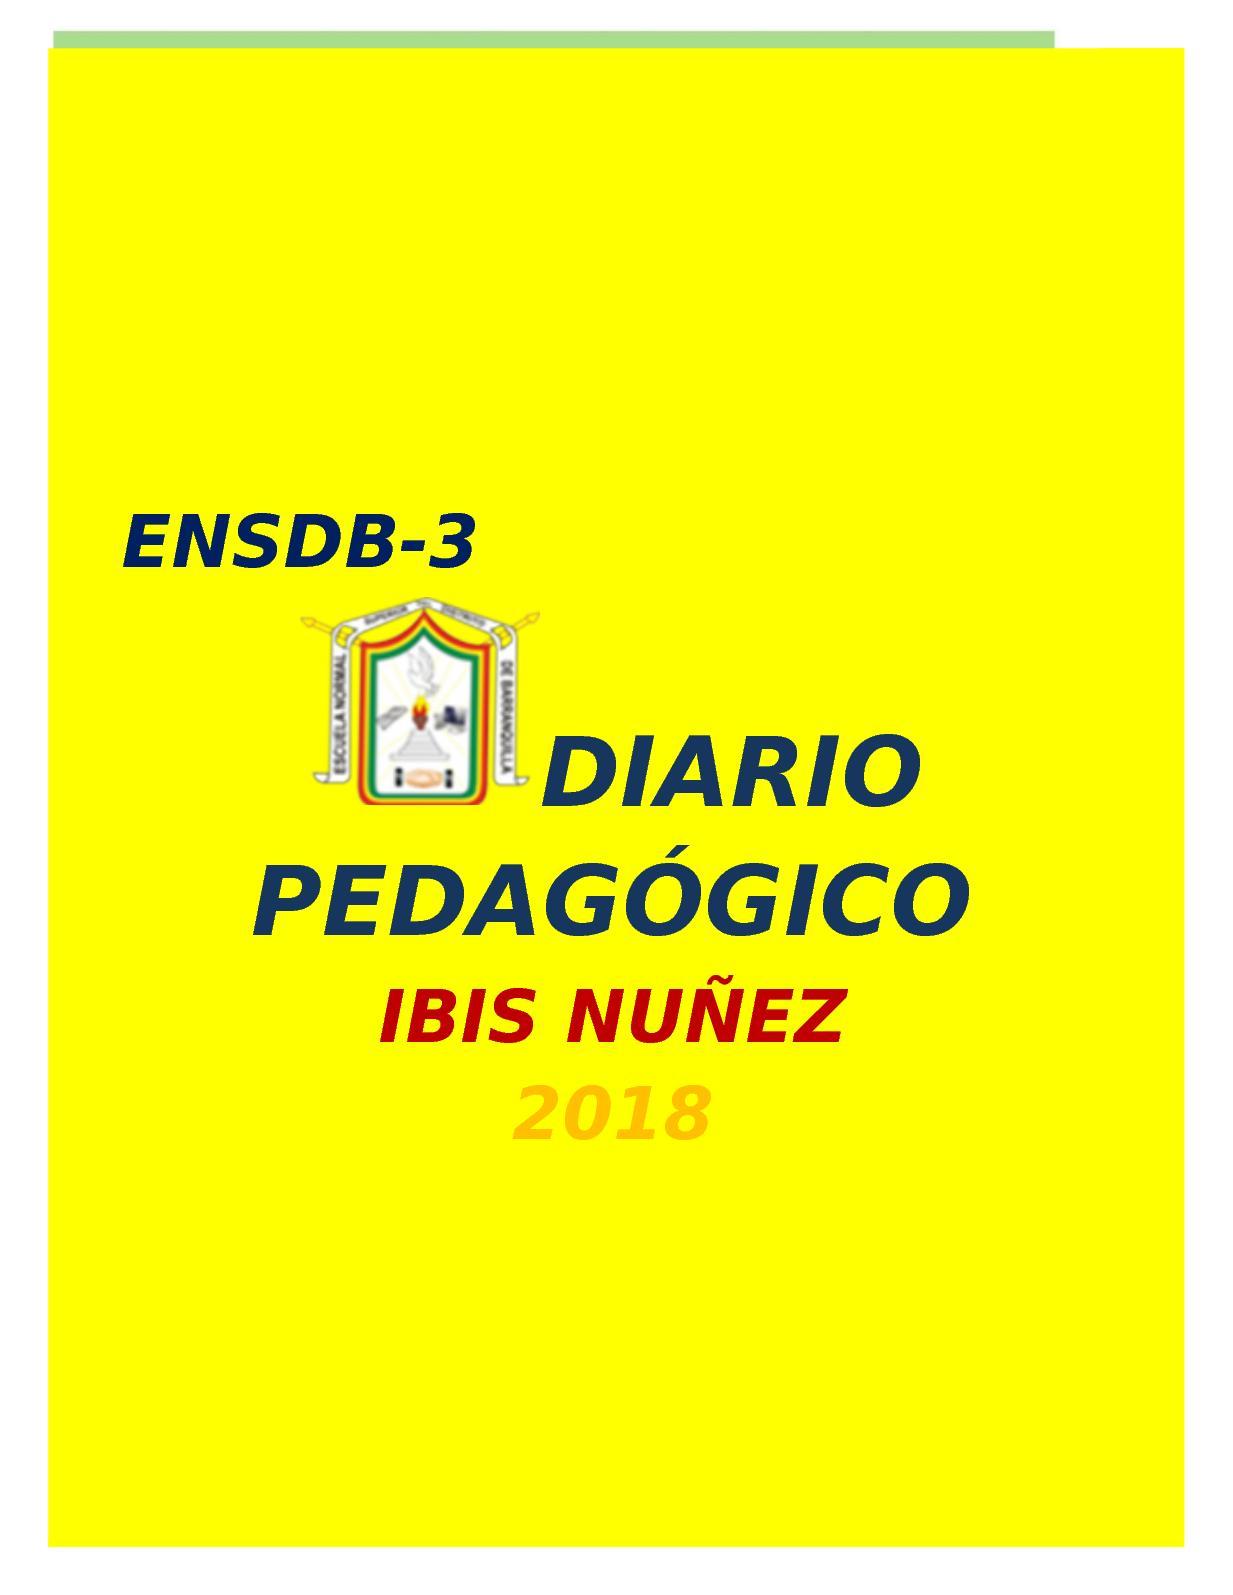 Diario Pedagógico 2018 (2)